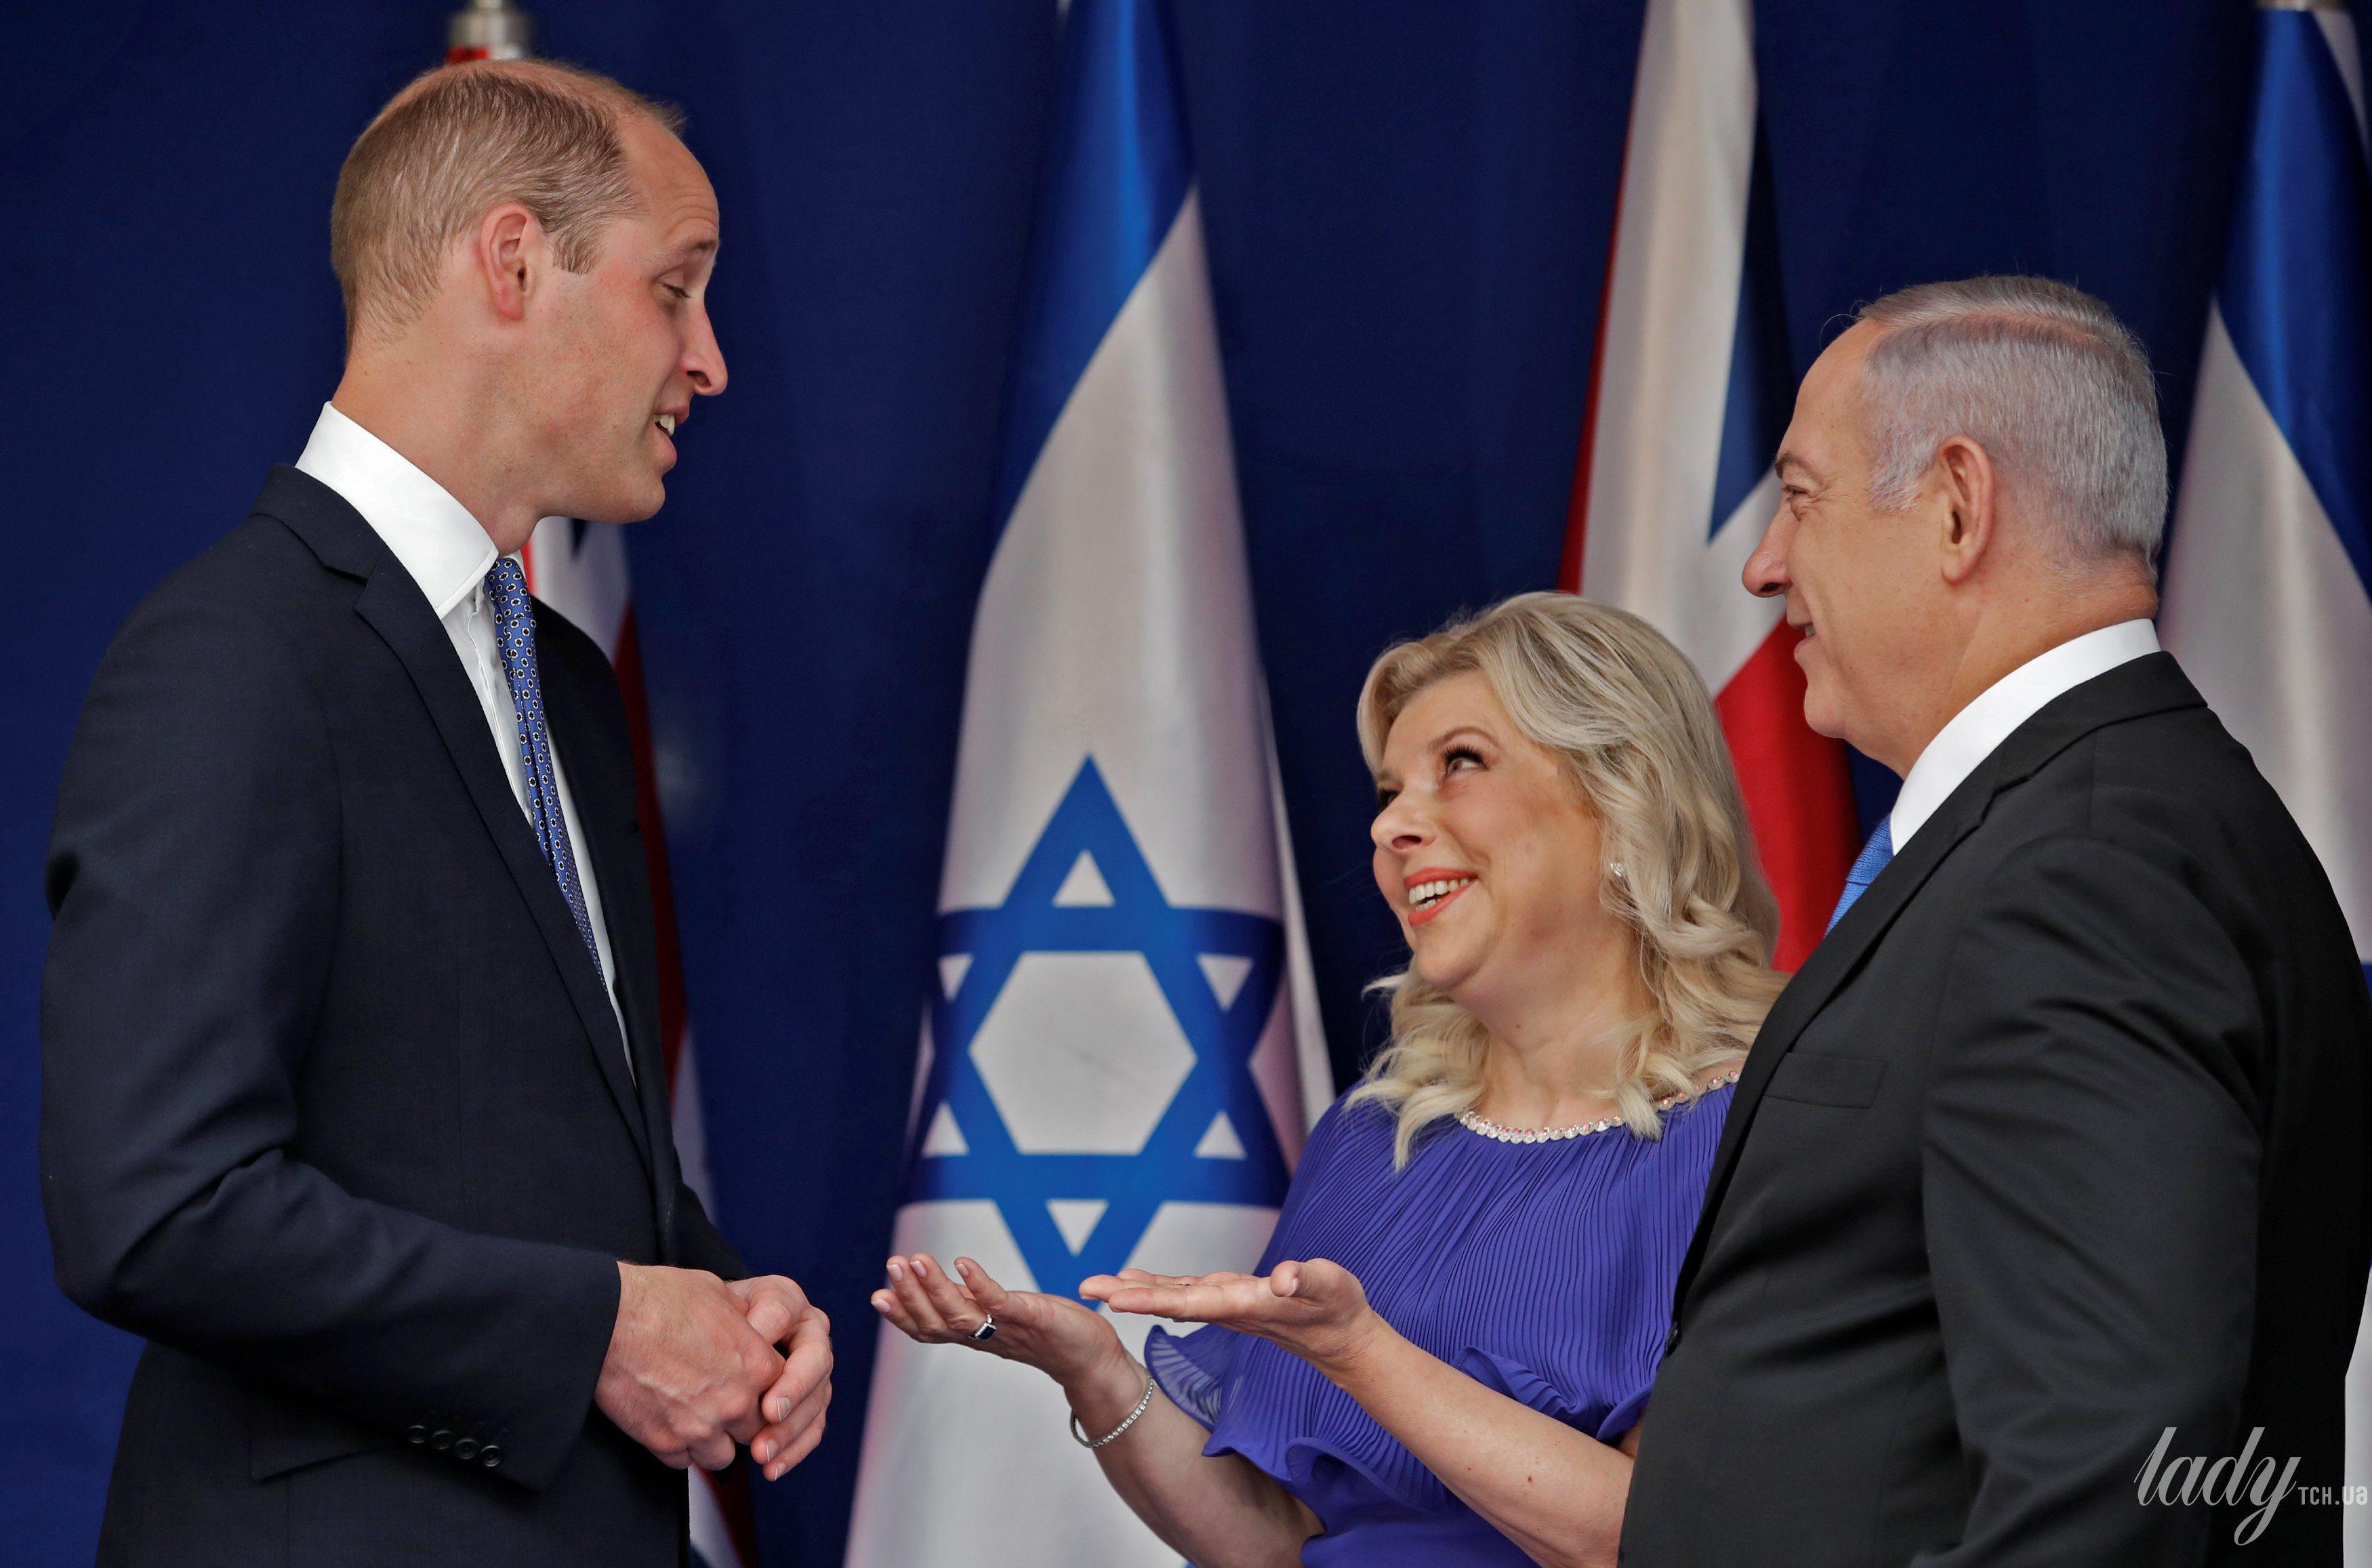 Жена премьер-министра Израиля Сара Нетаньяху_3